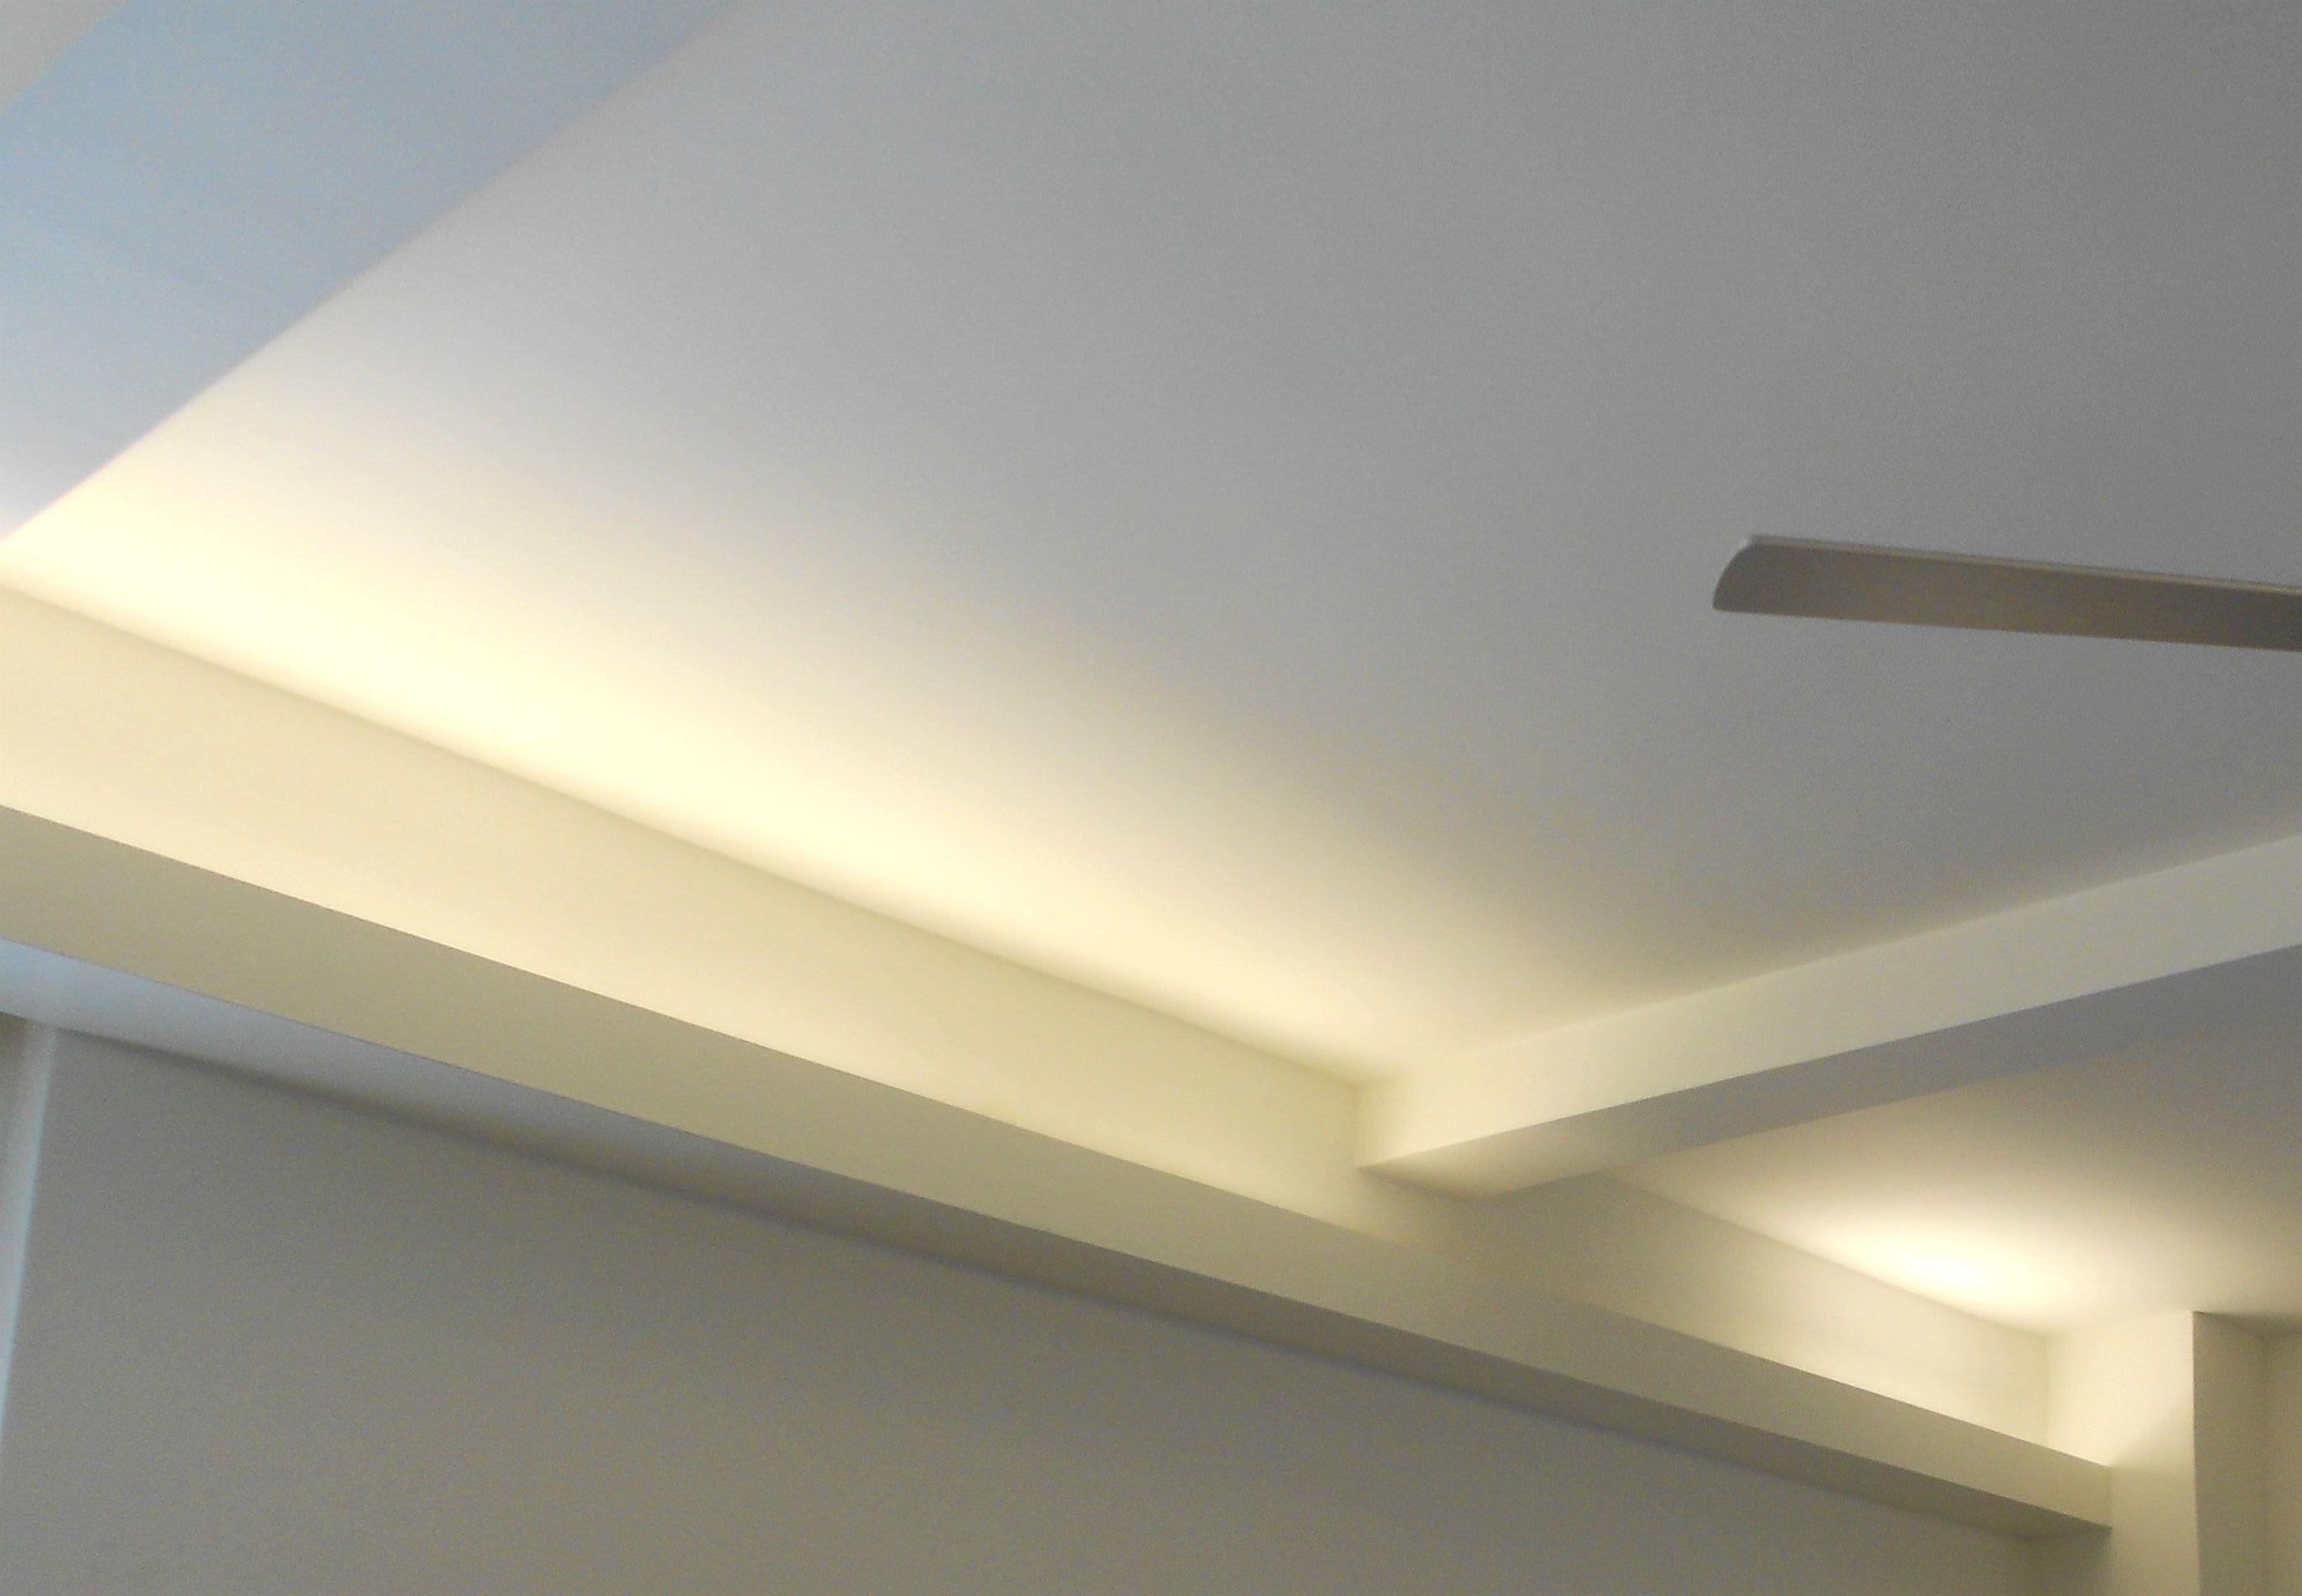 Hidden led ceiling lighting system